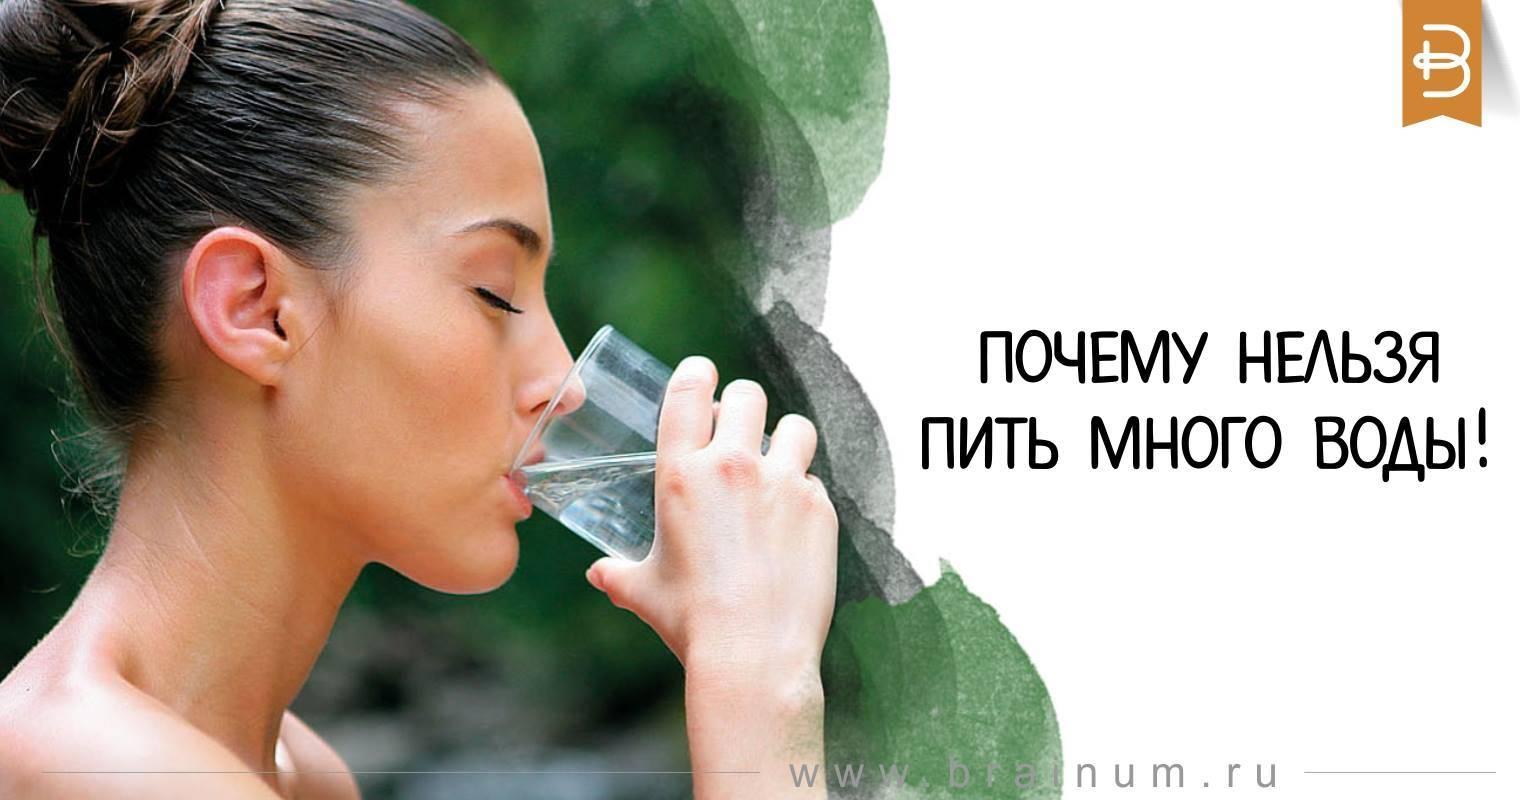 Алкоголь после операции: через сколько можно пить после хирургического вмешательства. совместимость анестезии и алкоголя